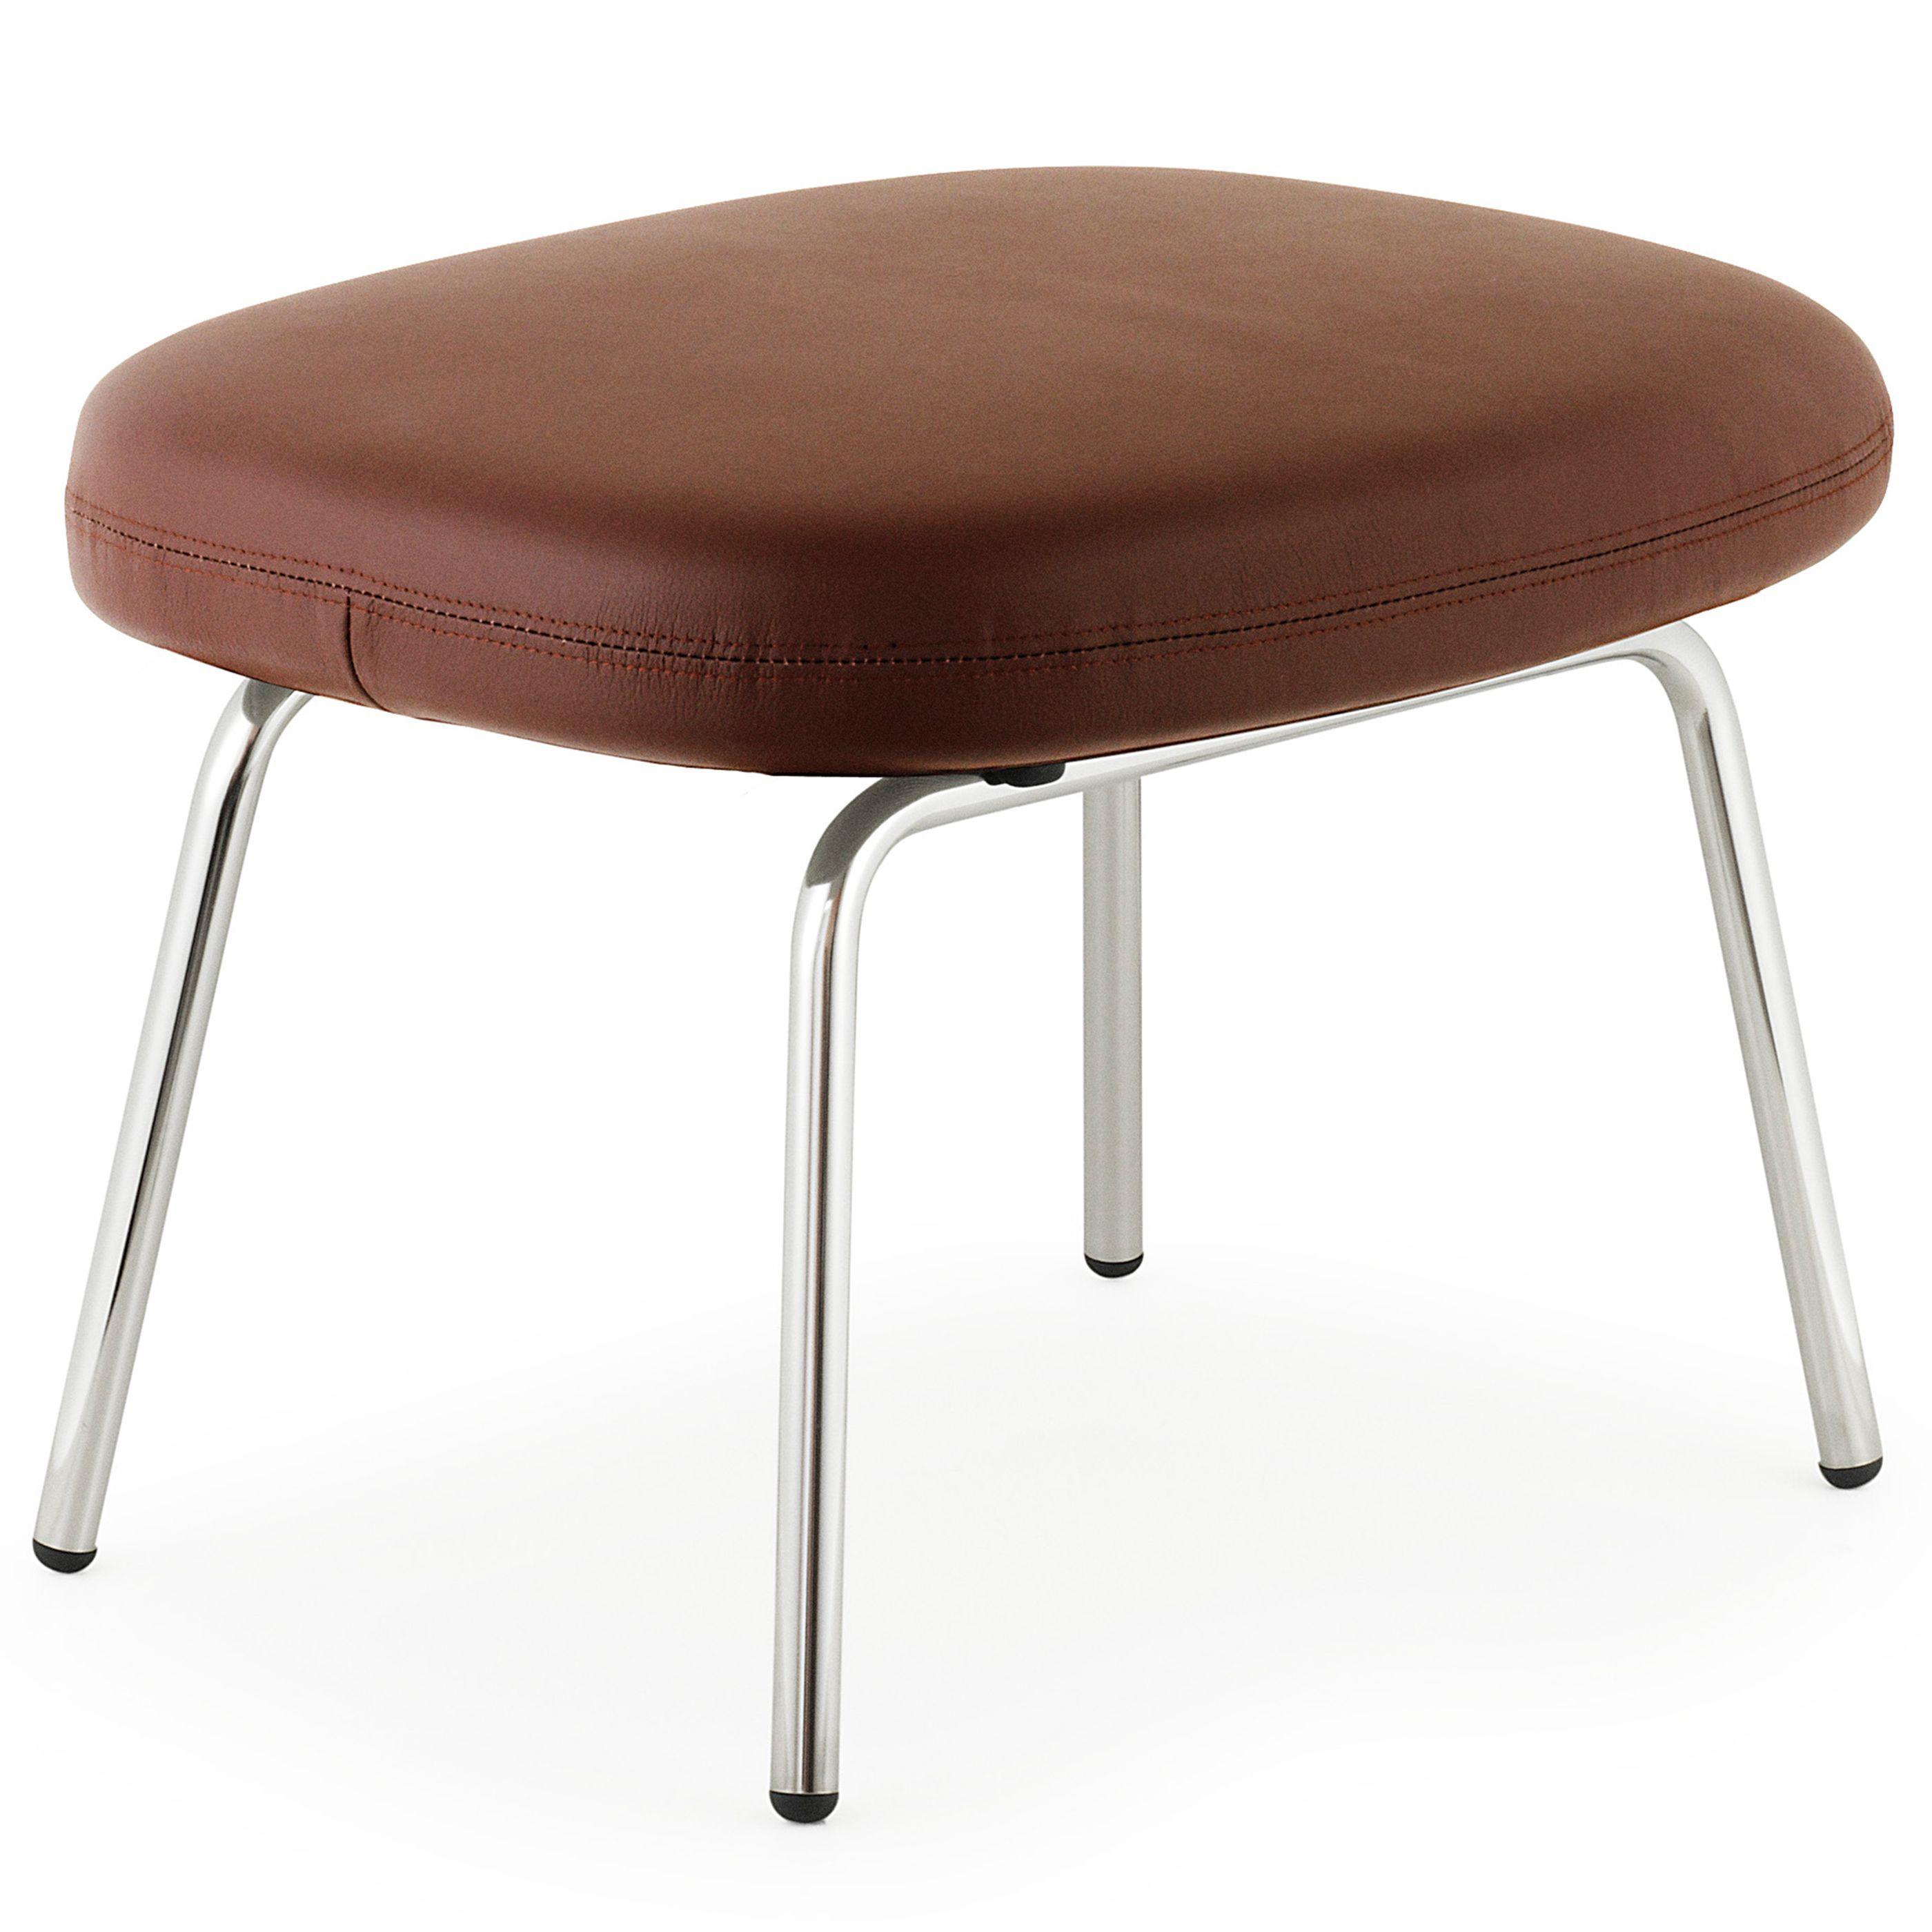 Normann Copenhagen Era Footstool voetenbank met verchroomd onderstel Leder Tango bruin